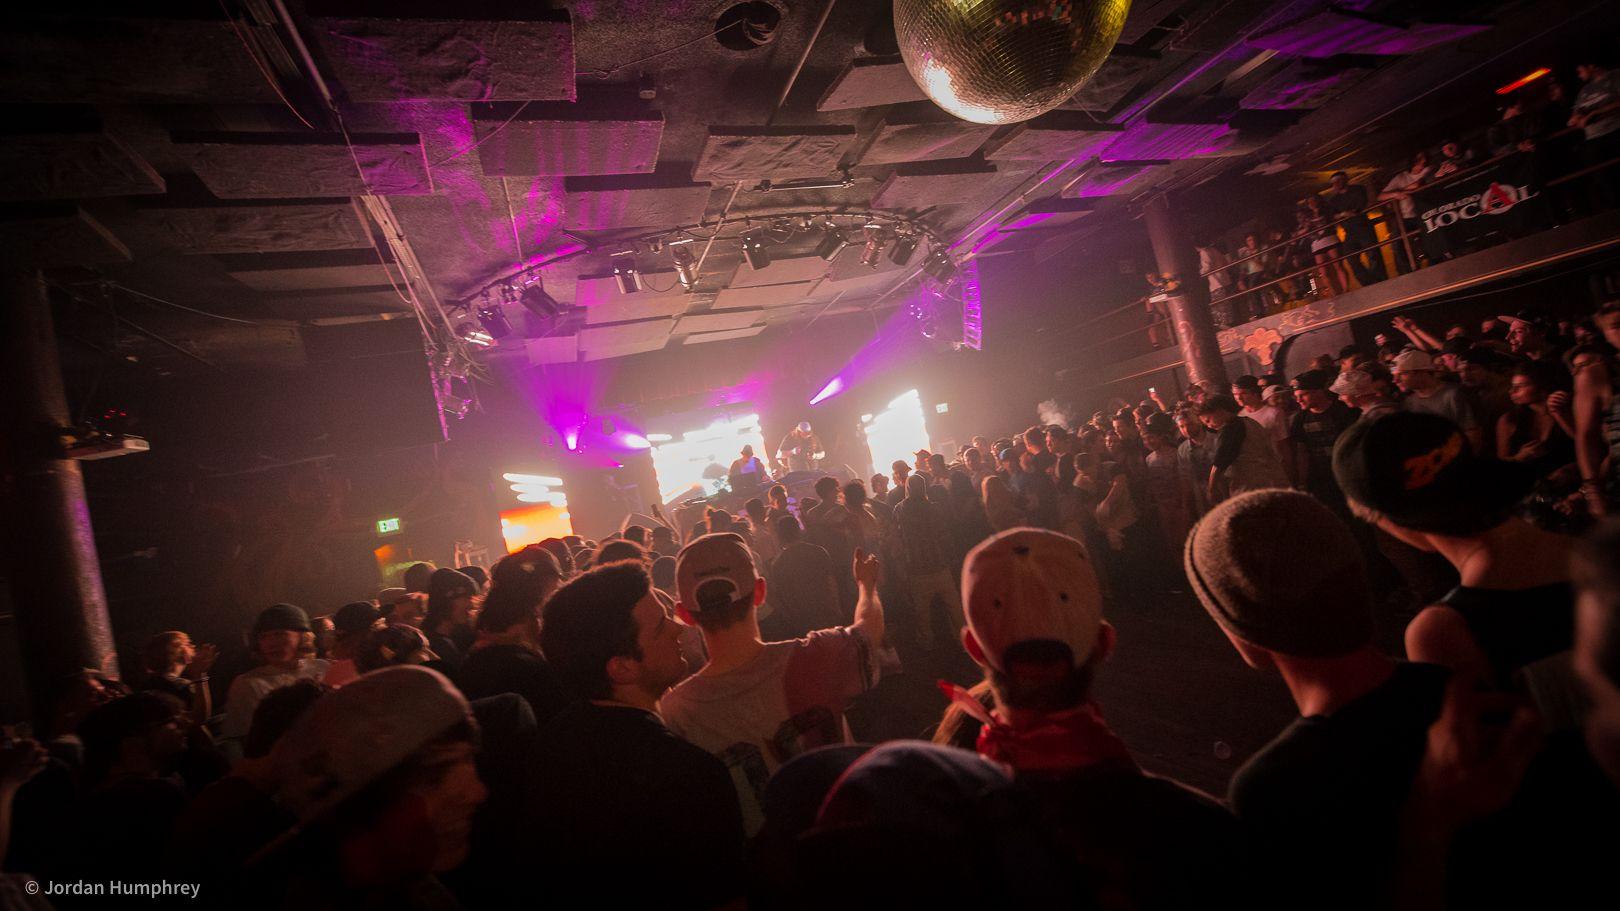 Crissy Cris, Rebudz and Reload Productions, Cervantes Masterpiece Ballroom, Denver, CO www.thejordanhumphrey.com